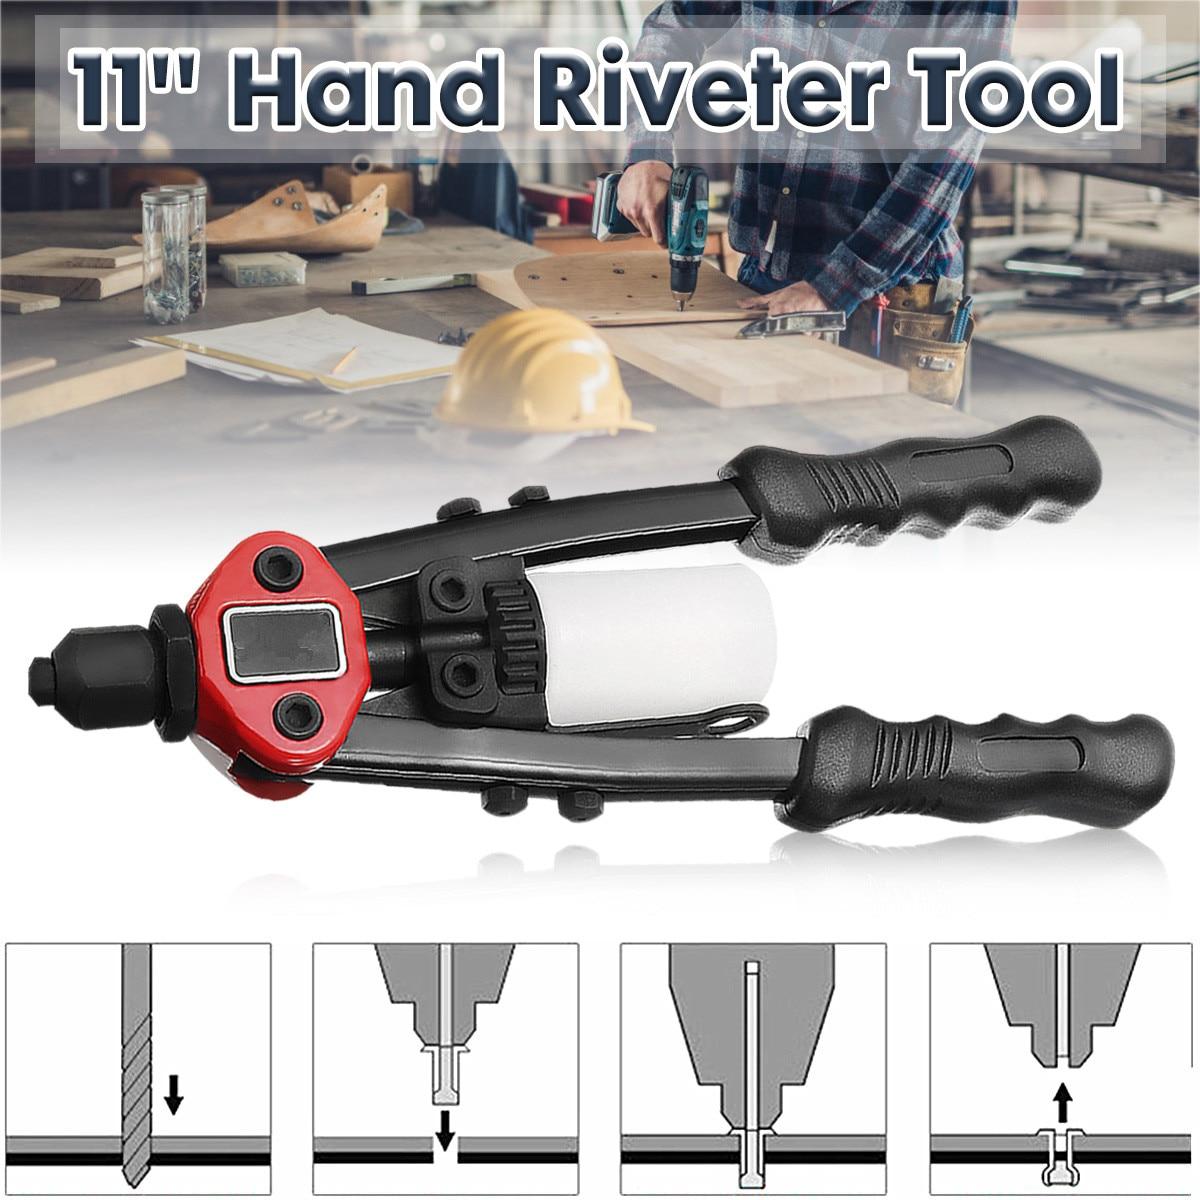 11 Inch 4 In 1 Riveter Guns Hand Riveting Kit Nuts Nail Guns Hand Riveter Tool Household Repair Tools Powers Tool